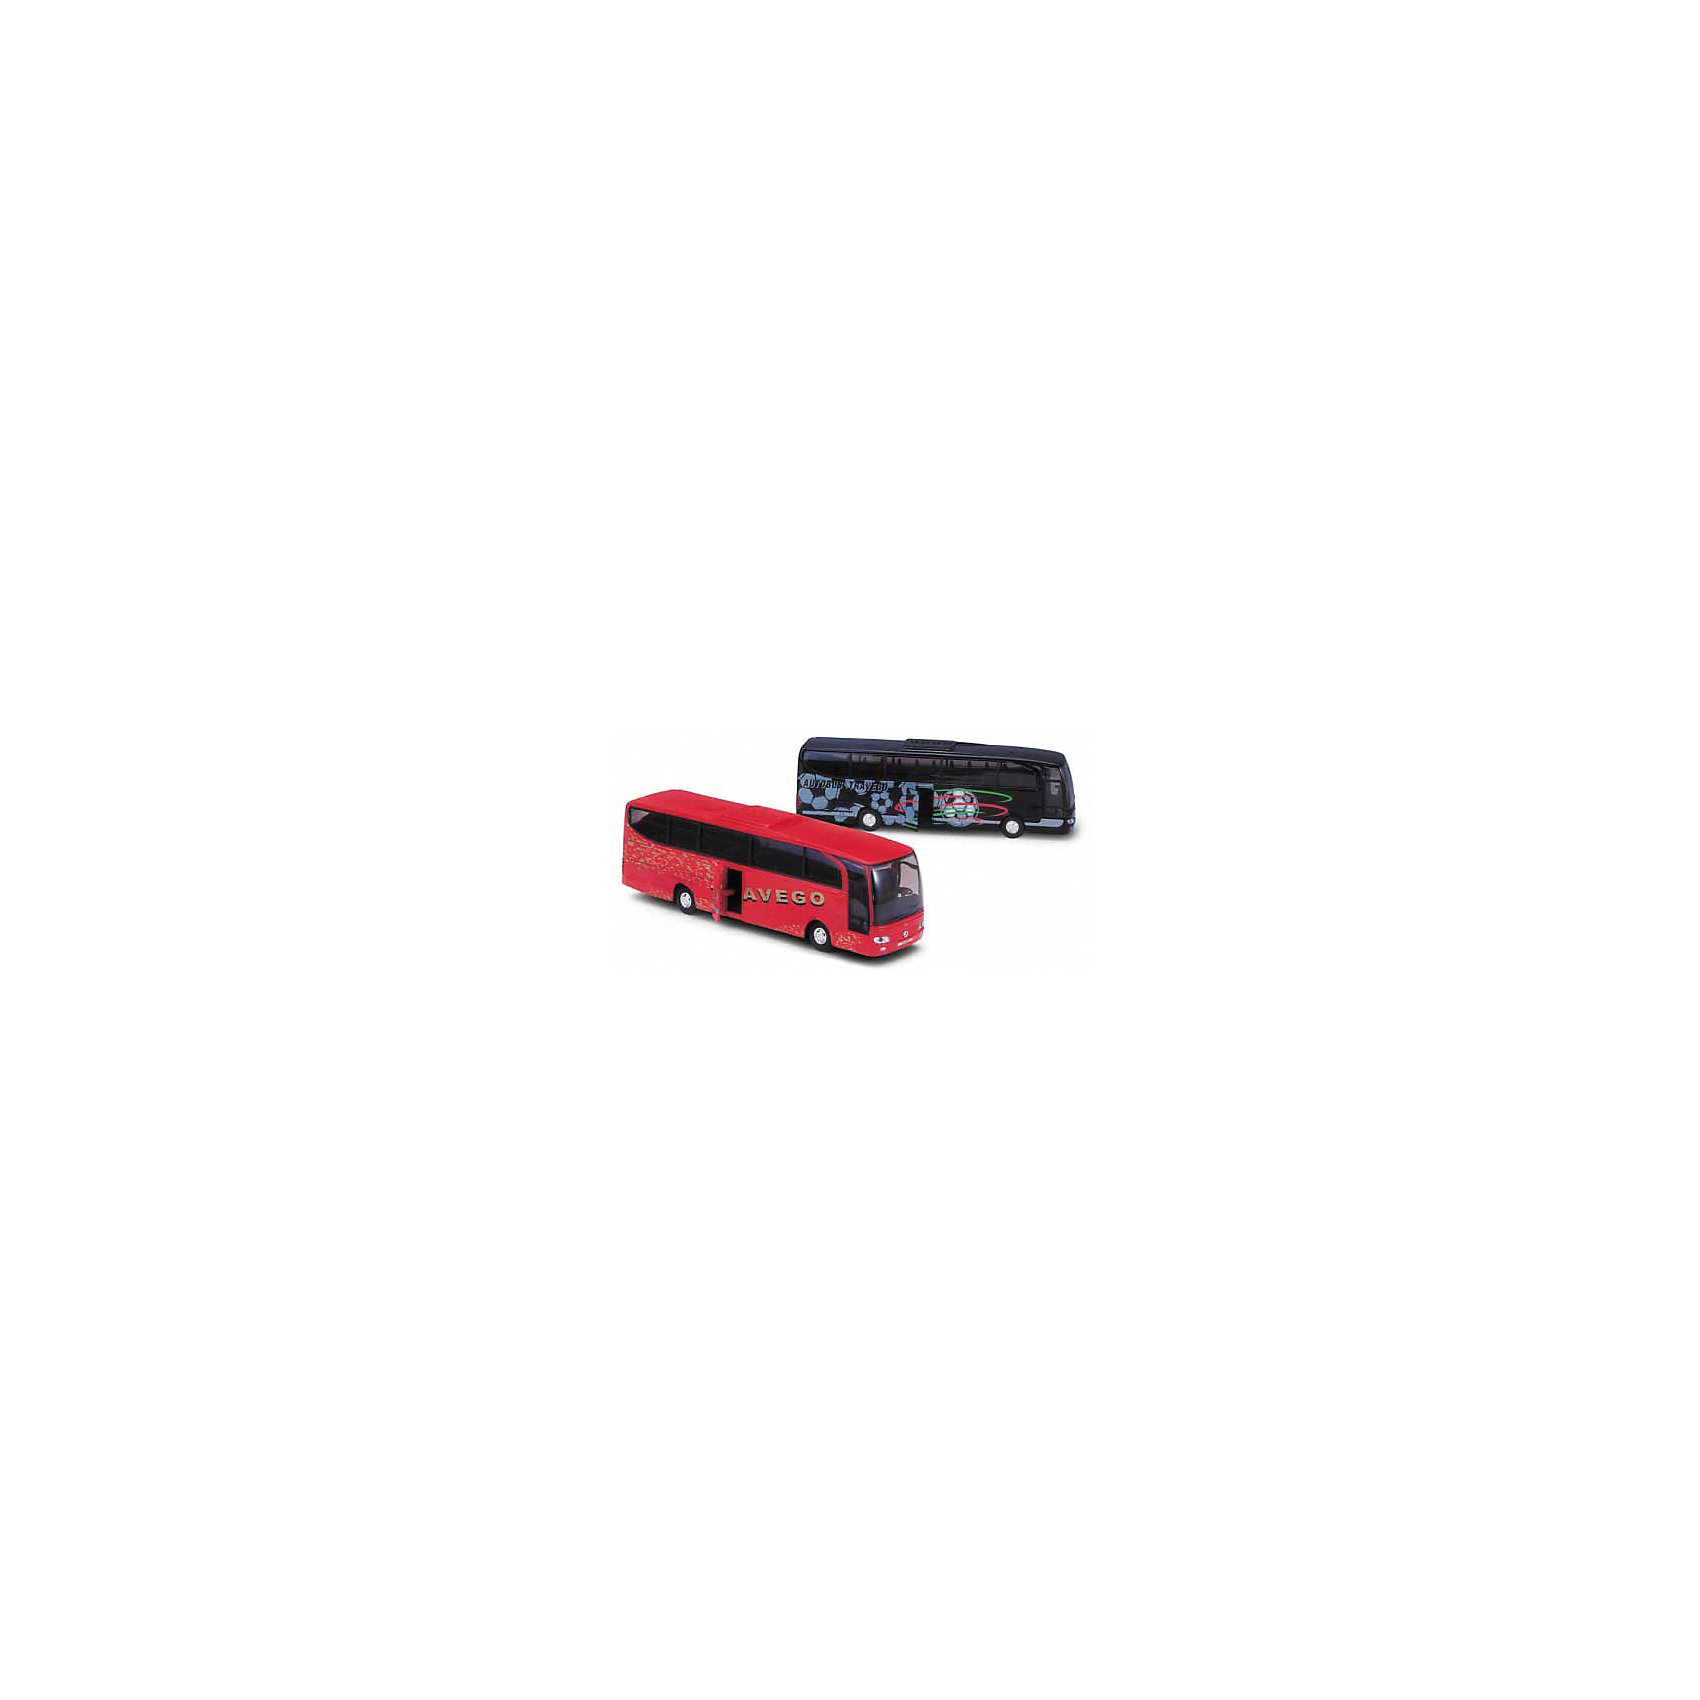 Модель автобуса Mercedes-Benz, WellyКоллекционные модели<br>Коллекционная модель автобуса масштаба 1:60 Mercedes-Benz . Функции: открываются  двери, инерционный механизм. Цвет кузова представлен в ассортименте, выбранный вариант в поставке не гарантирован.<br><br>Ширина мм: 50<br>Глубина мм: 80<br>Высота мм: 230<br>Вес г: 283<br>Возраст от месяцев: 36<br>Возраст до месяцев: 192<br>Пол: Мужской<br>Возраст: Детский<br>SKU: 4966553